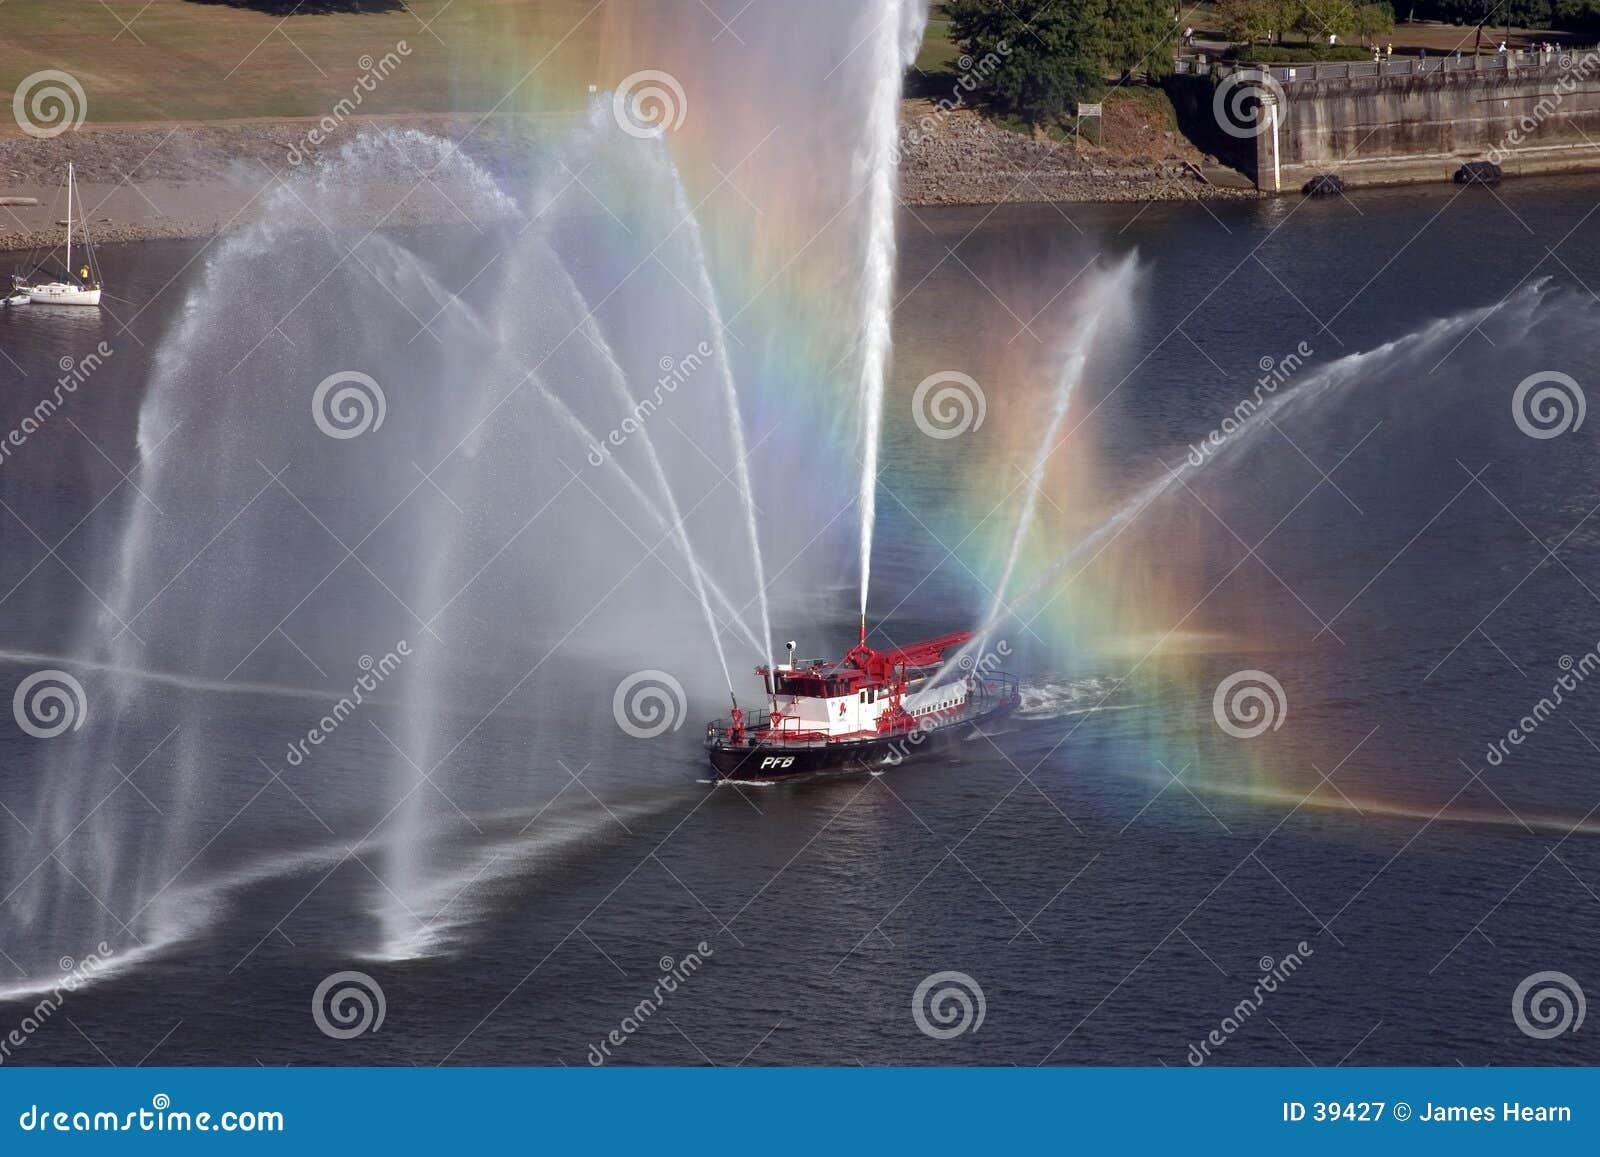 Rainbow across fire boat in Portland, Oregon.